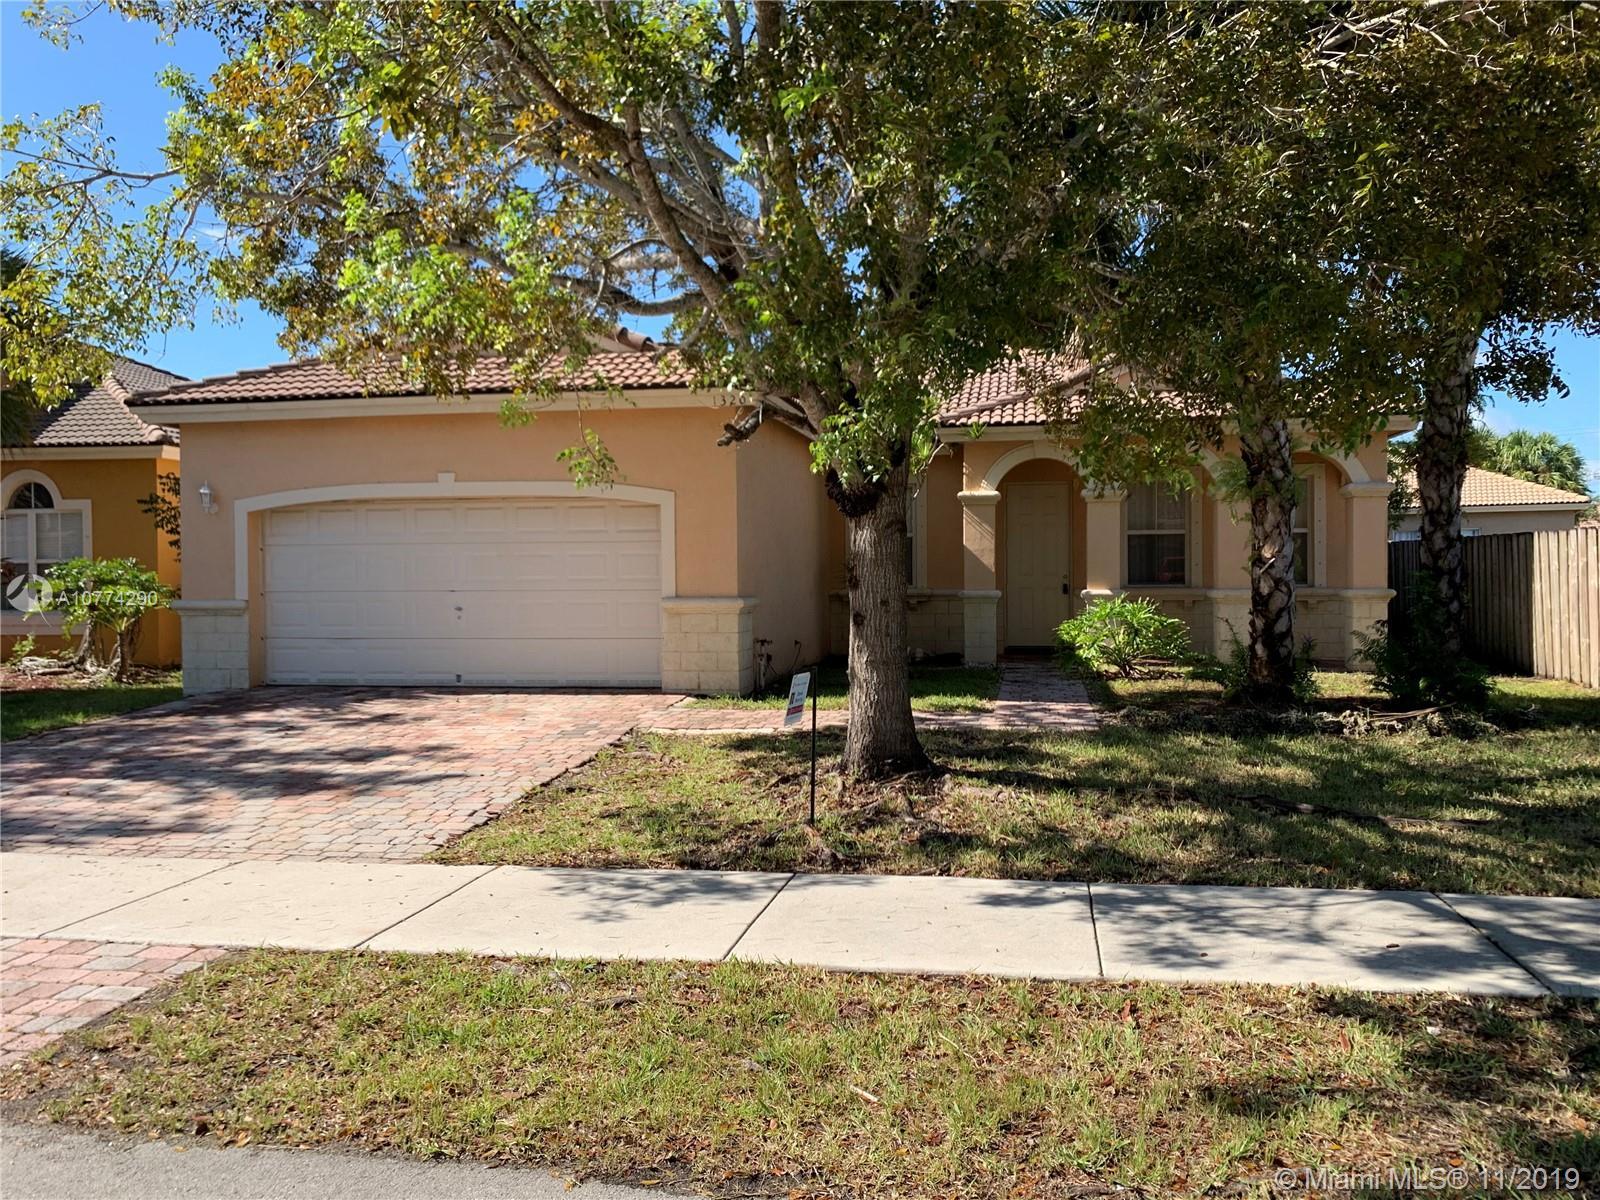 1320 SE 17 AV, Homestead, FL 33035 - Homestead, FL real estate listing